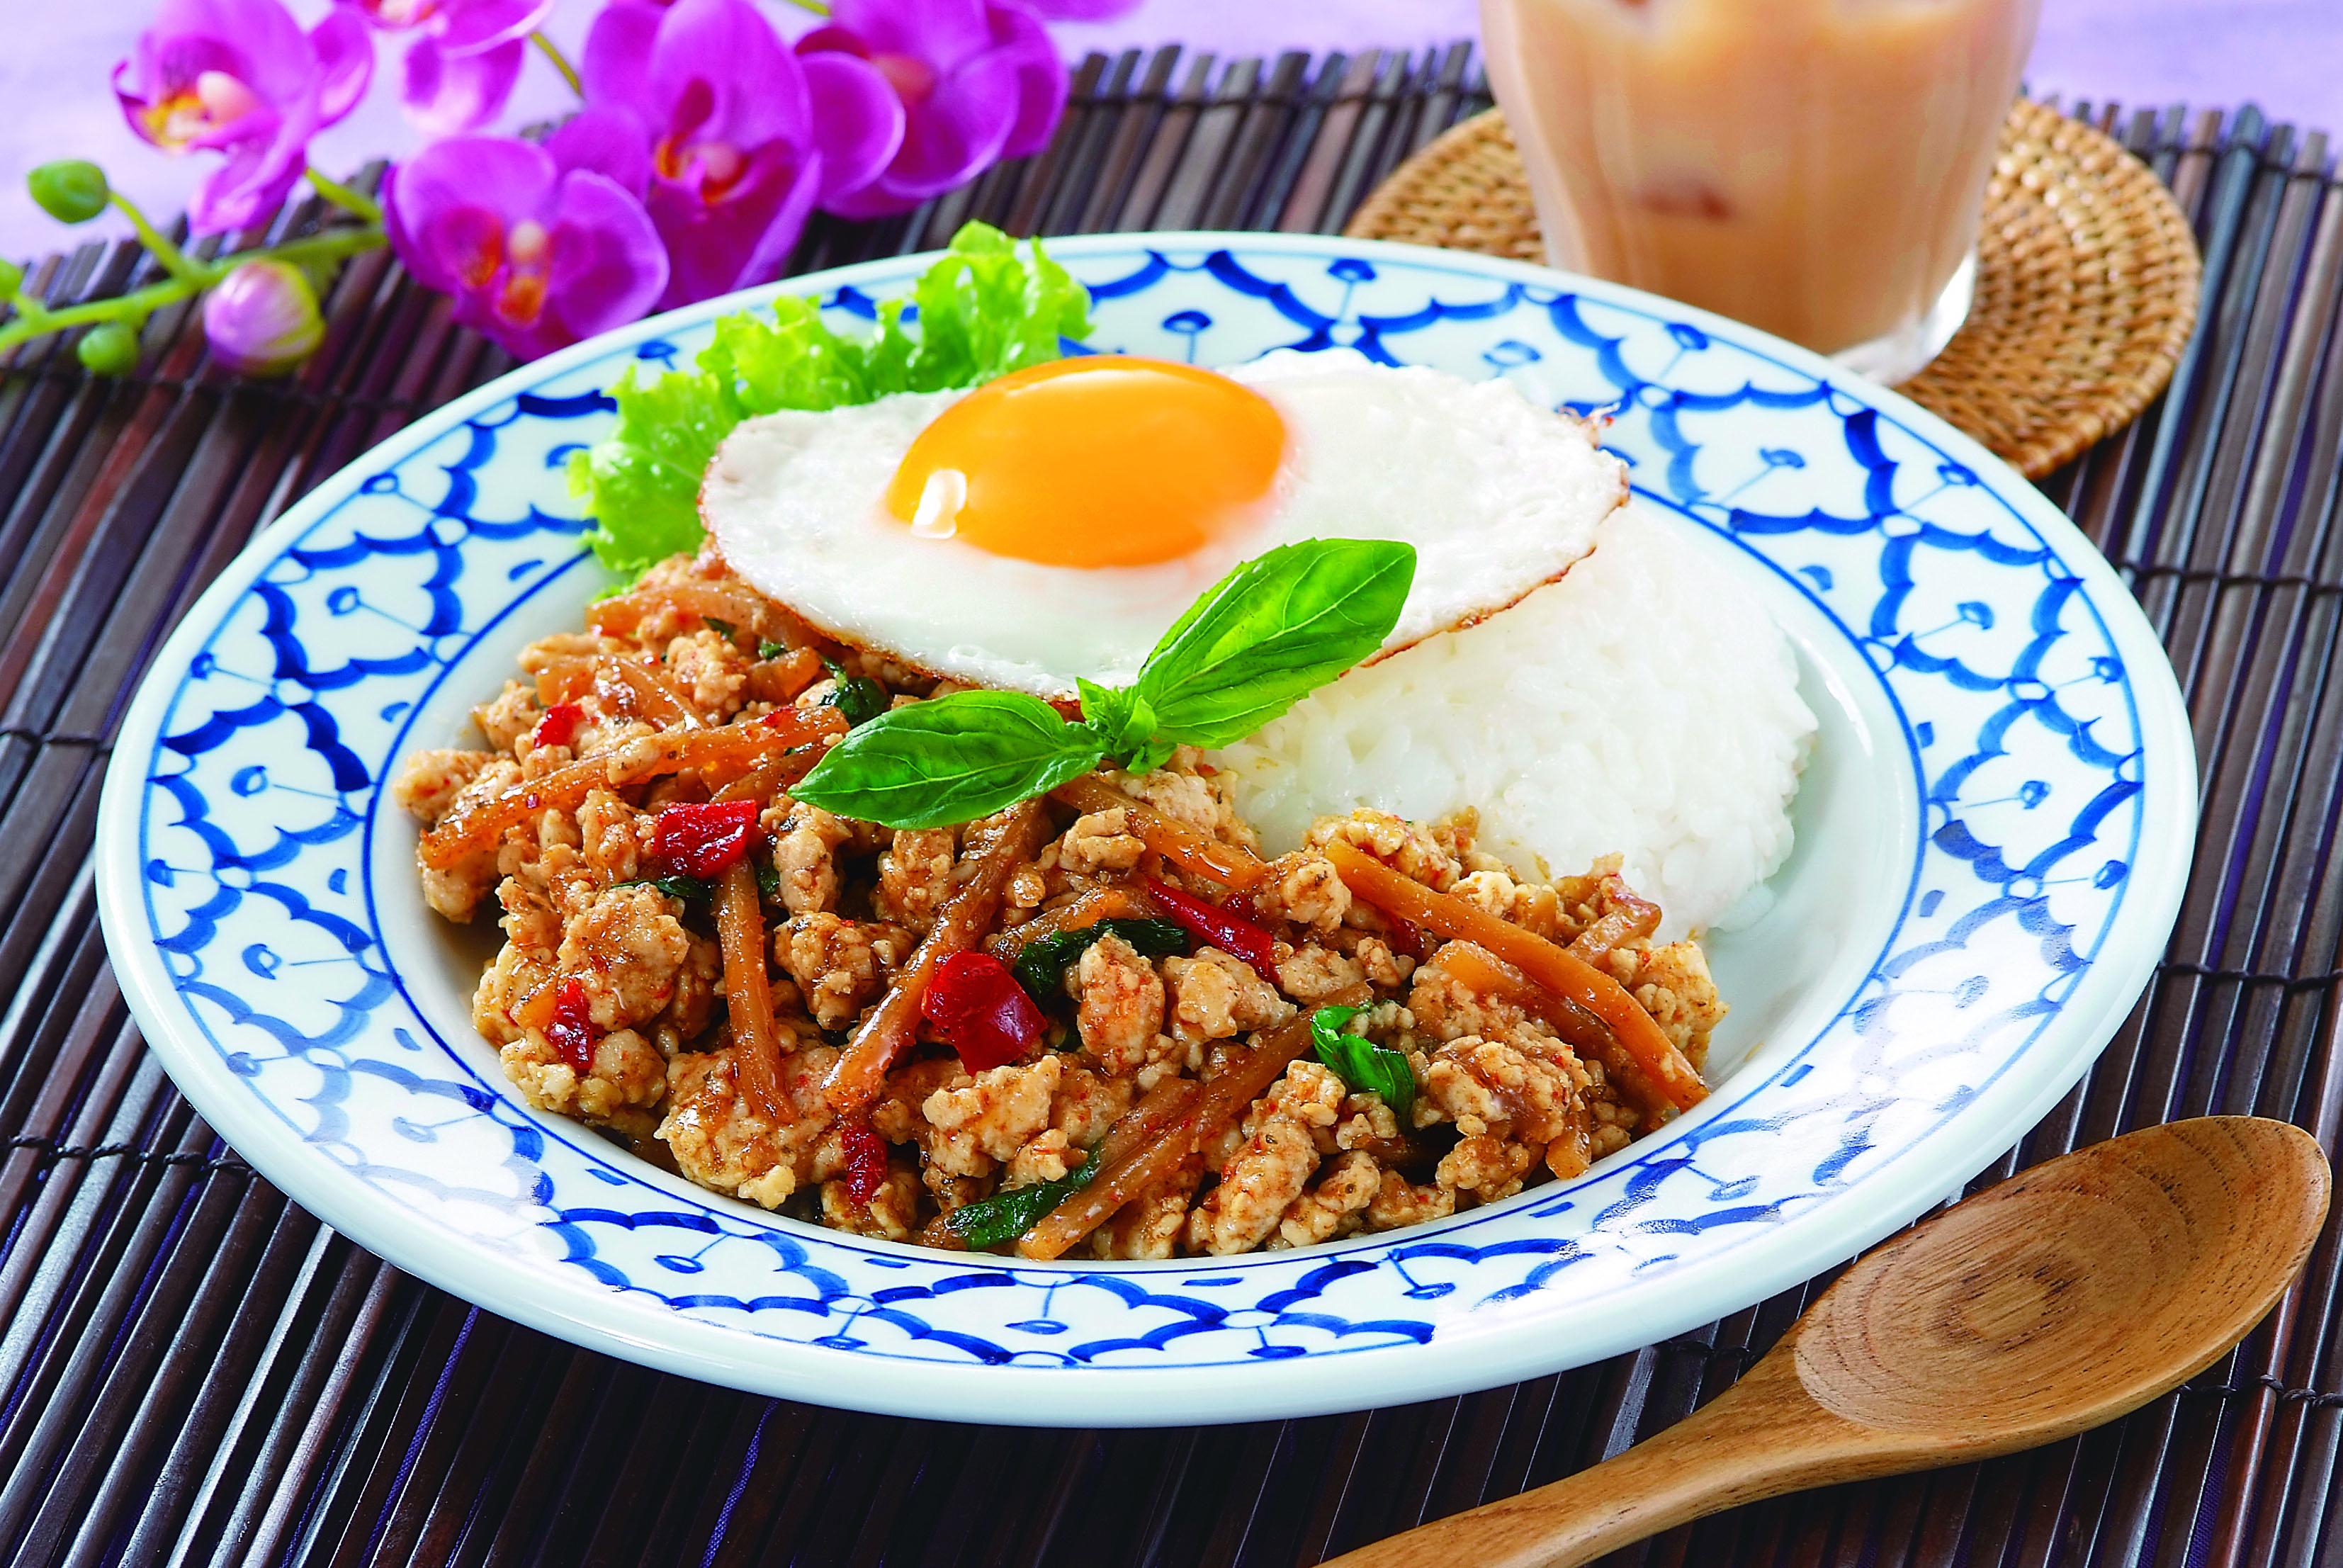 自宅にいながらタイ気分!?本格タイ料理が作れる簡単レシピ5選のサムネイル画像